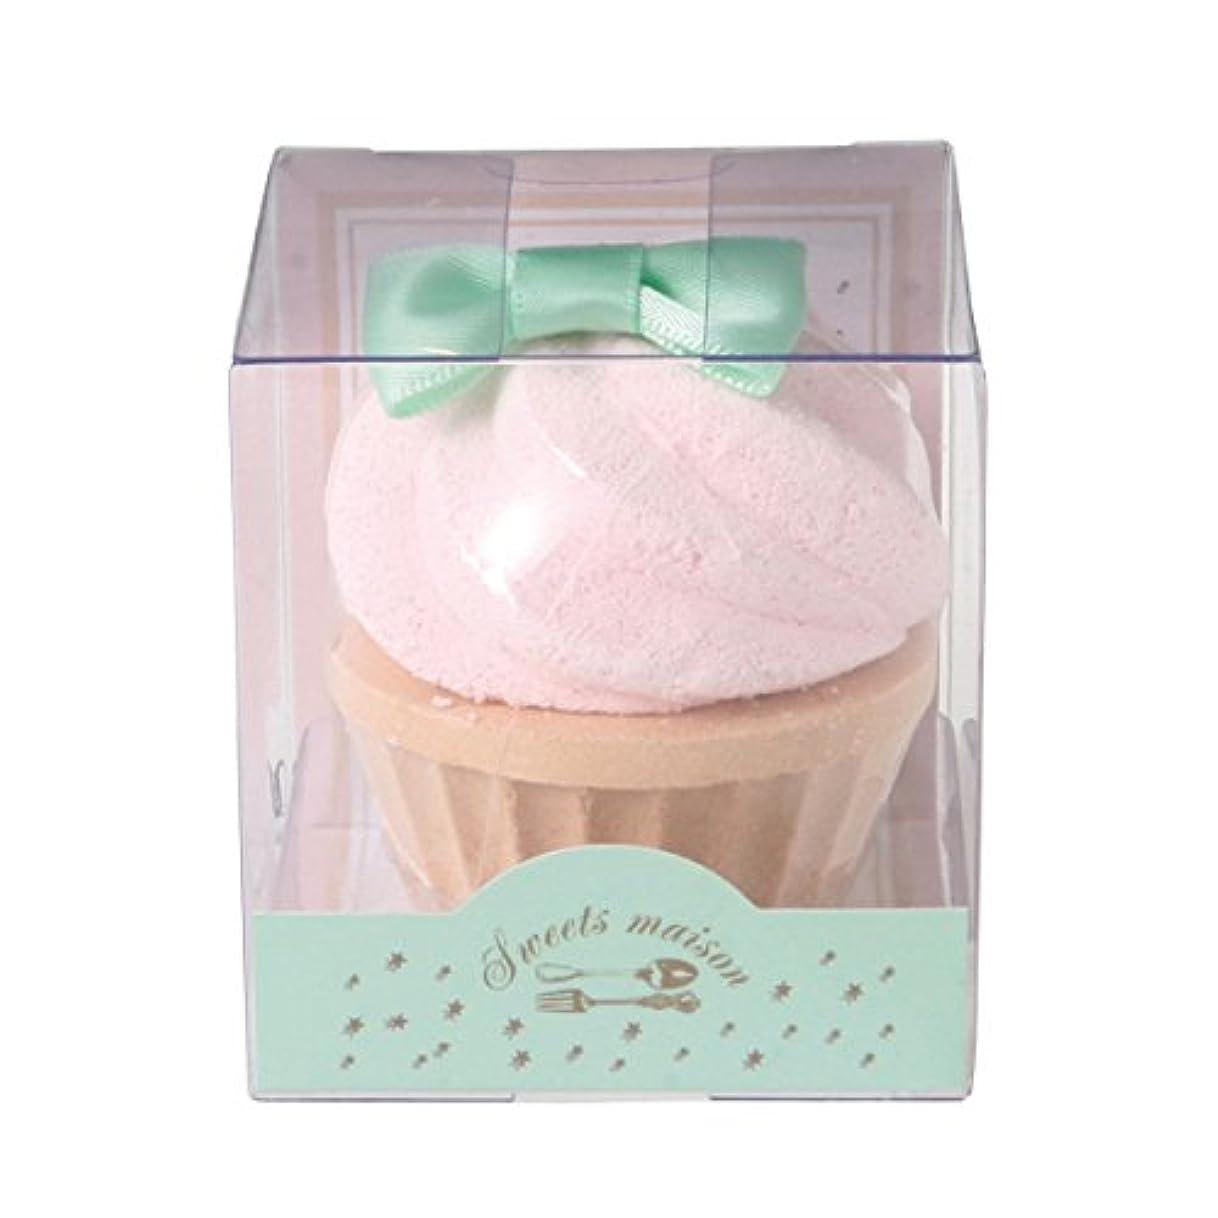 ハック同種の鏡(内野)UCHINO ノルコーポレーション おめかしプチカップケーキフィズ(ブーケローズの香り)